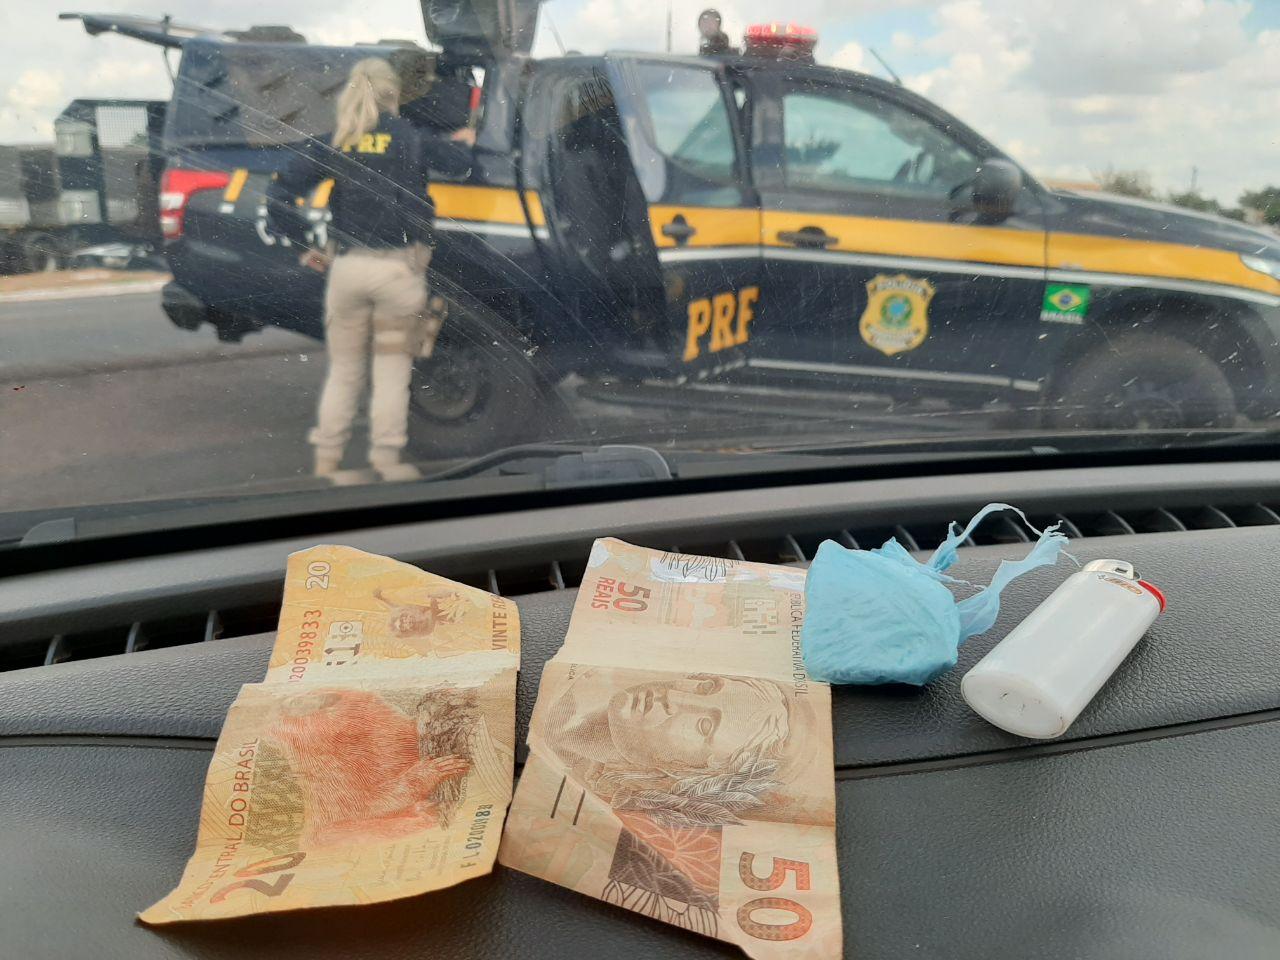 Homem é preso pela PRF por tráfico de drogas e falsa identidade, em Paraíso